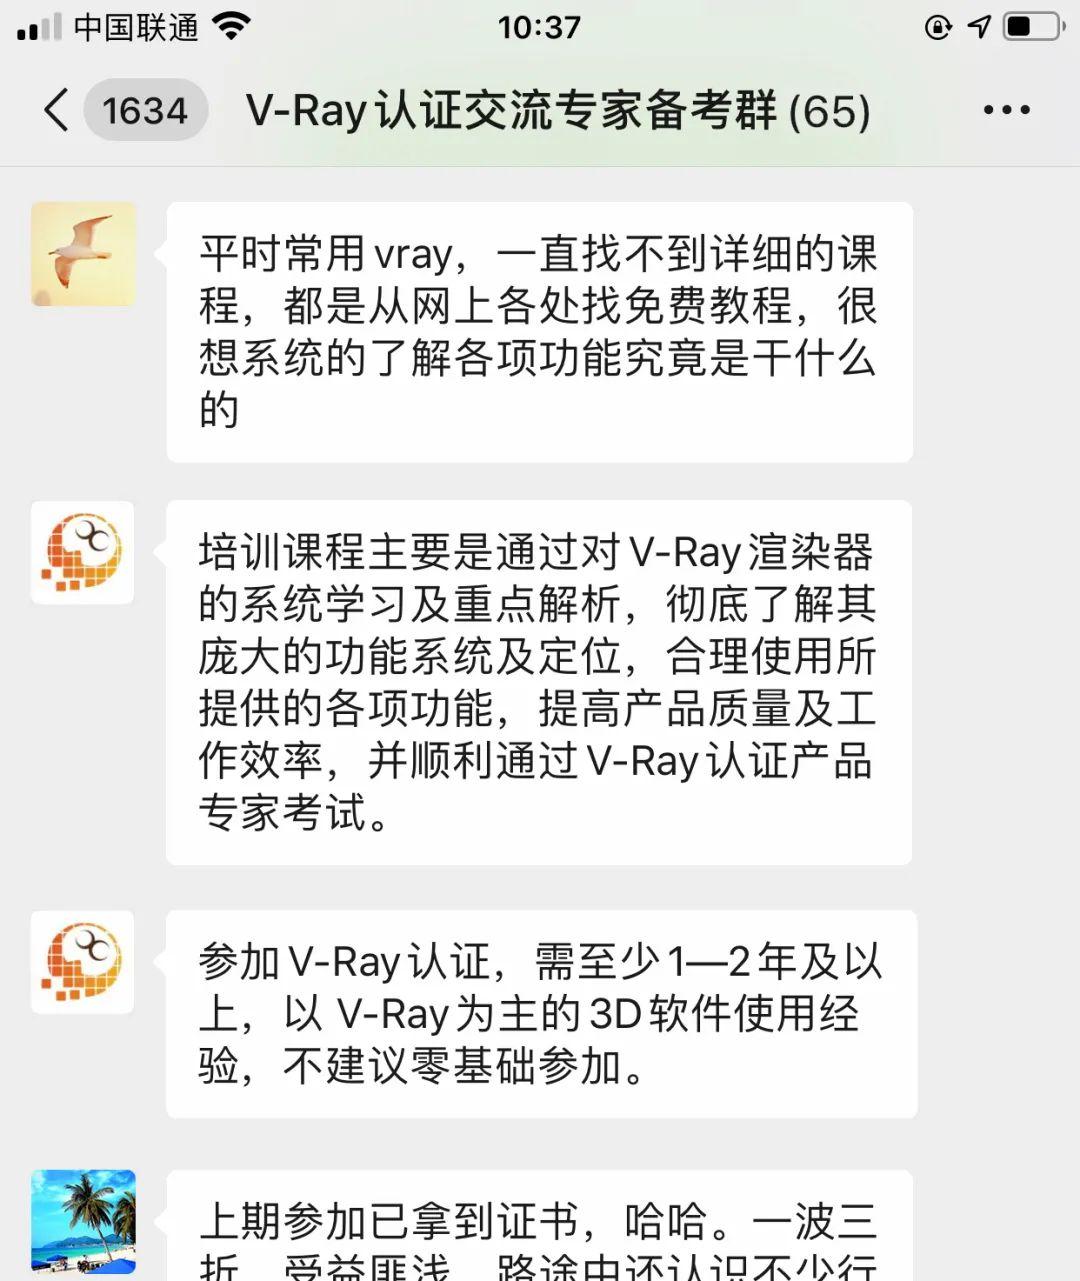 揭秘V-Ray认证专家考试那些事儿